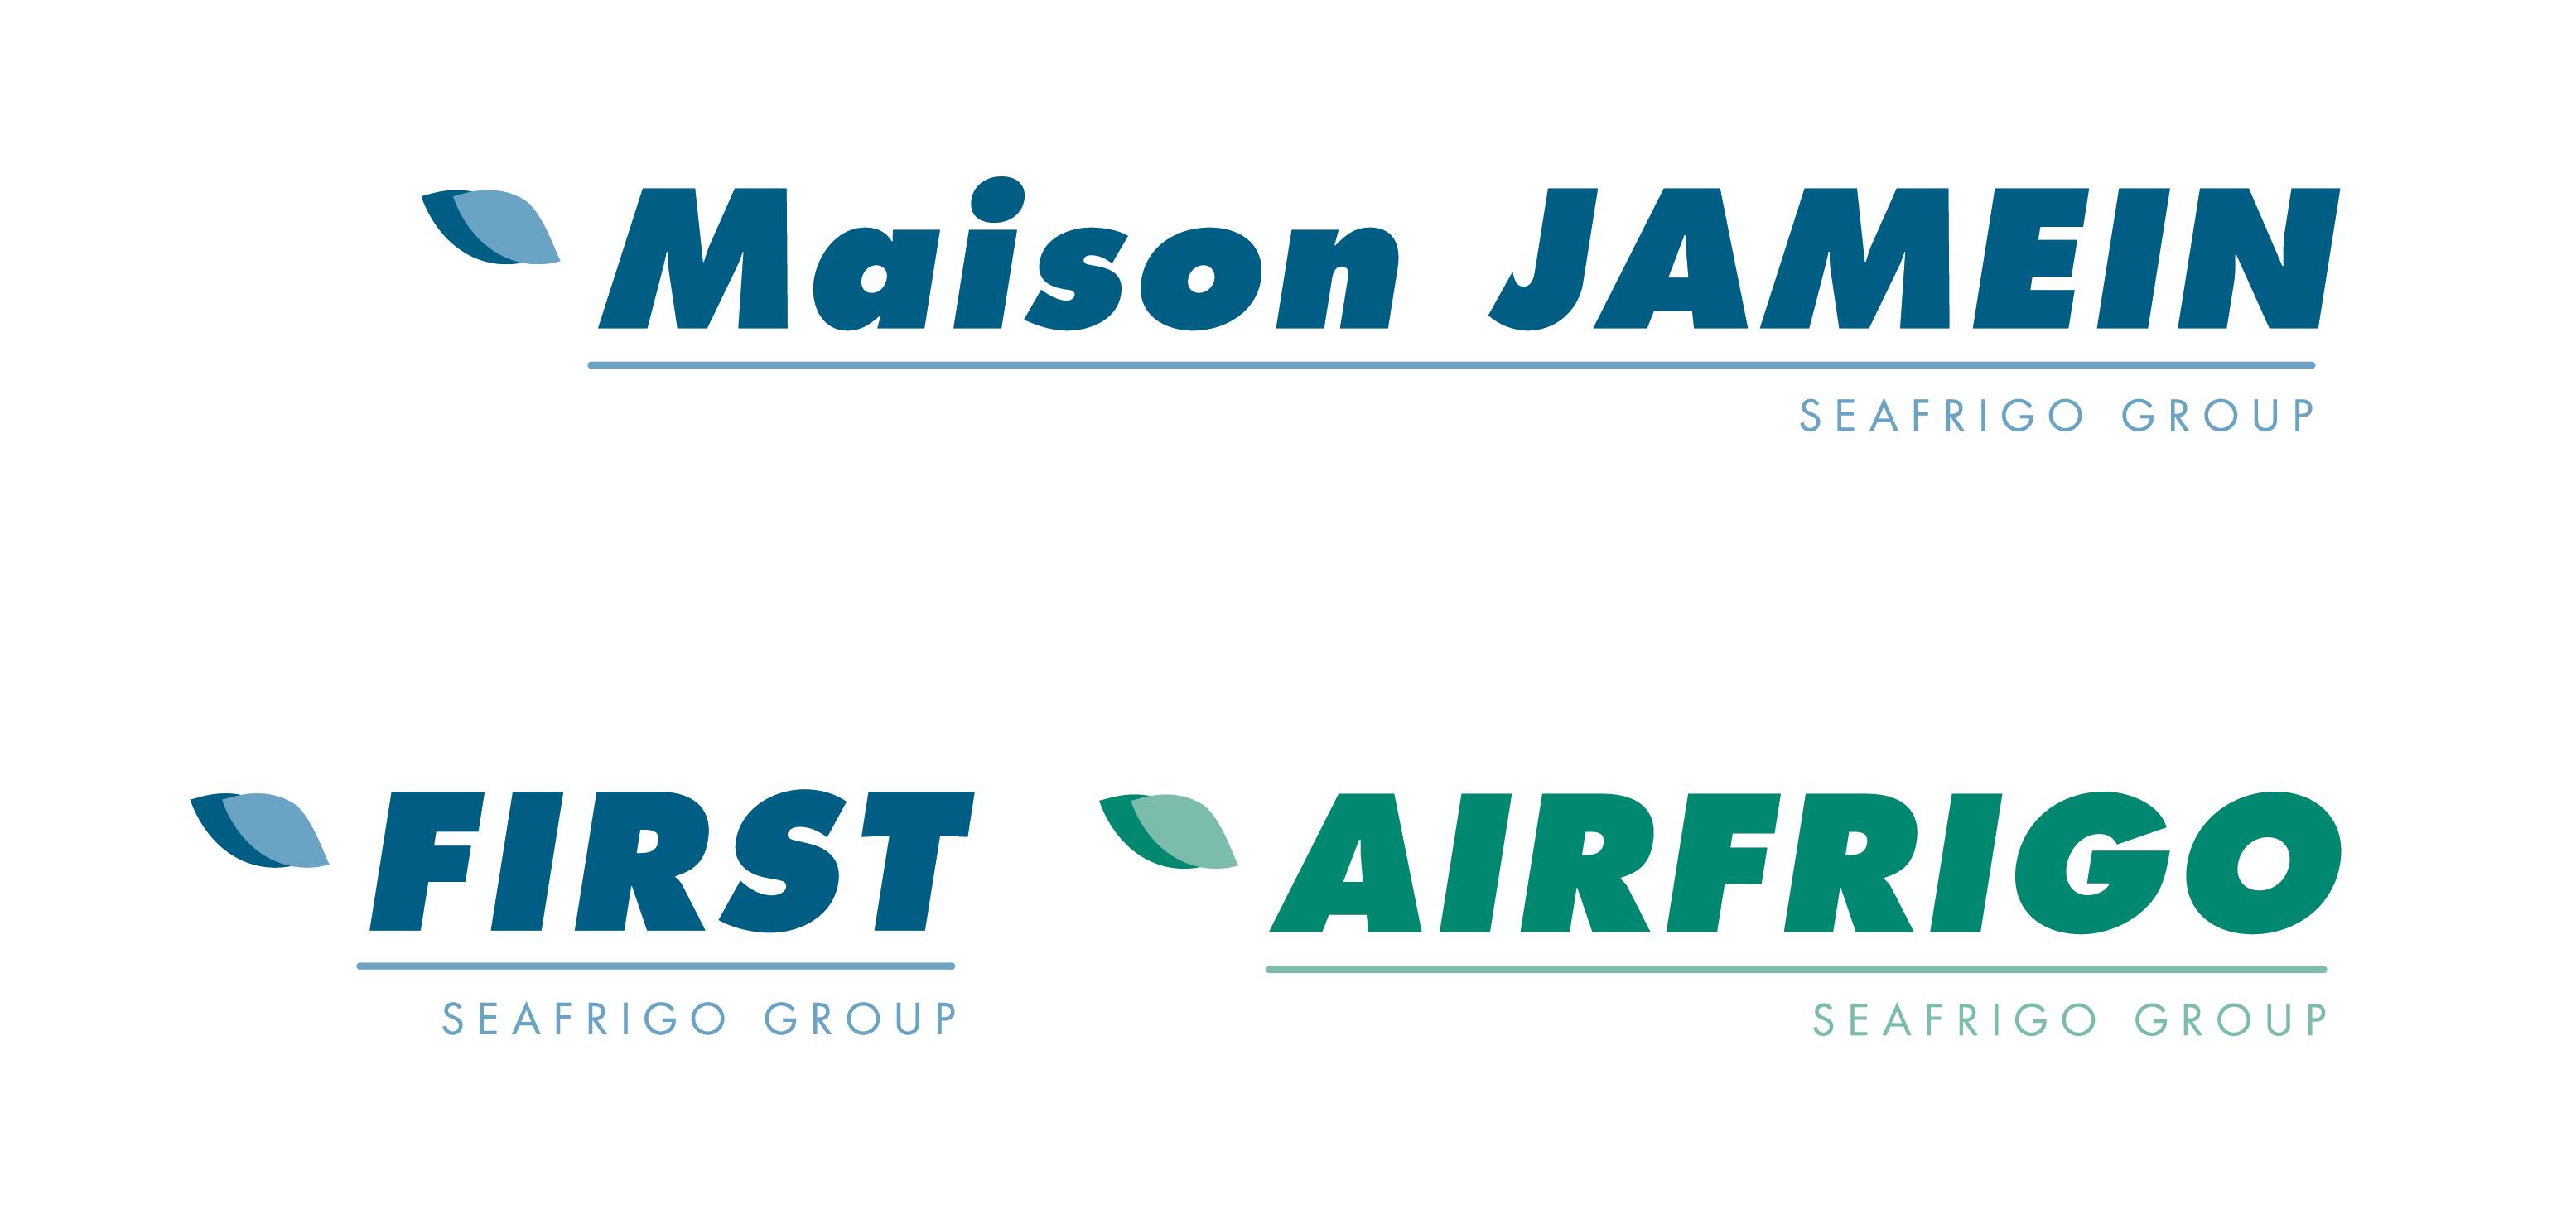 MAISON JAMEIN FIRST AIRFRIGO